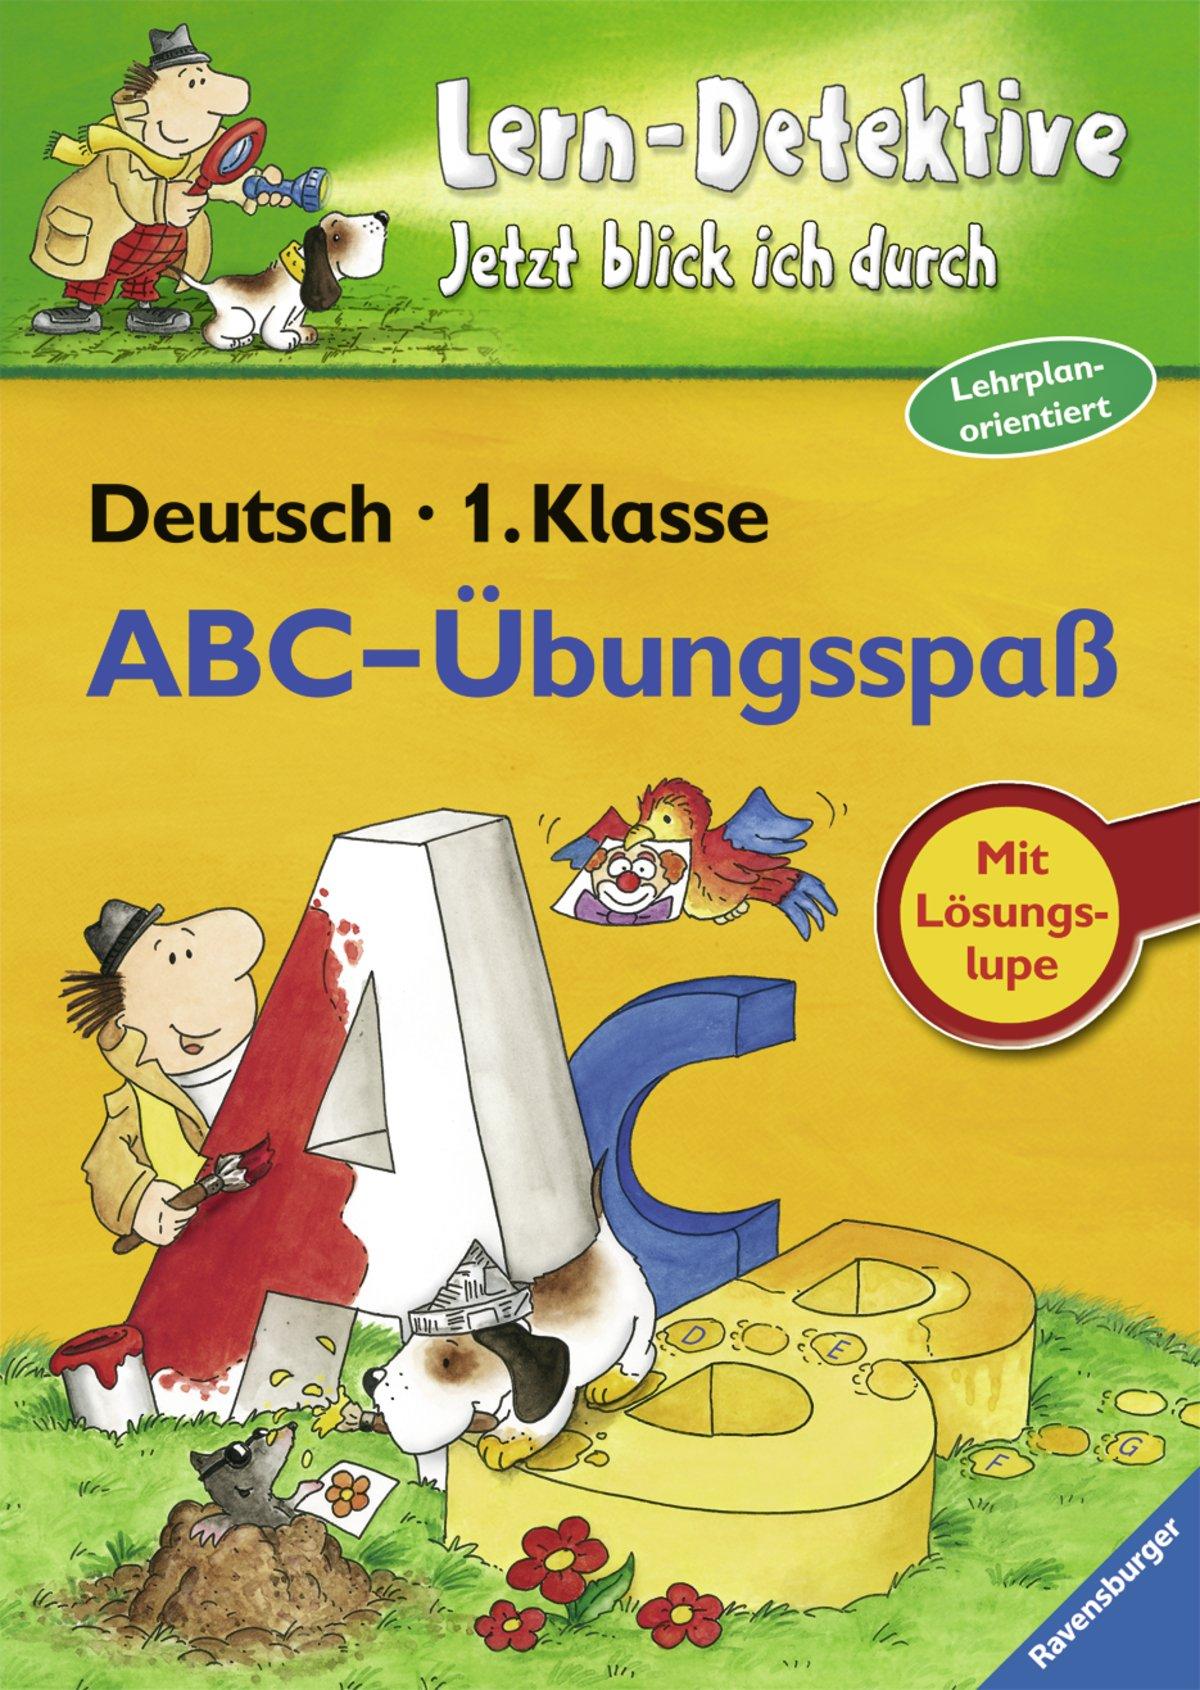 ABC-Übungsspaß (1. Klasse) (Lern-Detektive - Jetzt blick ich durch)